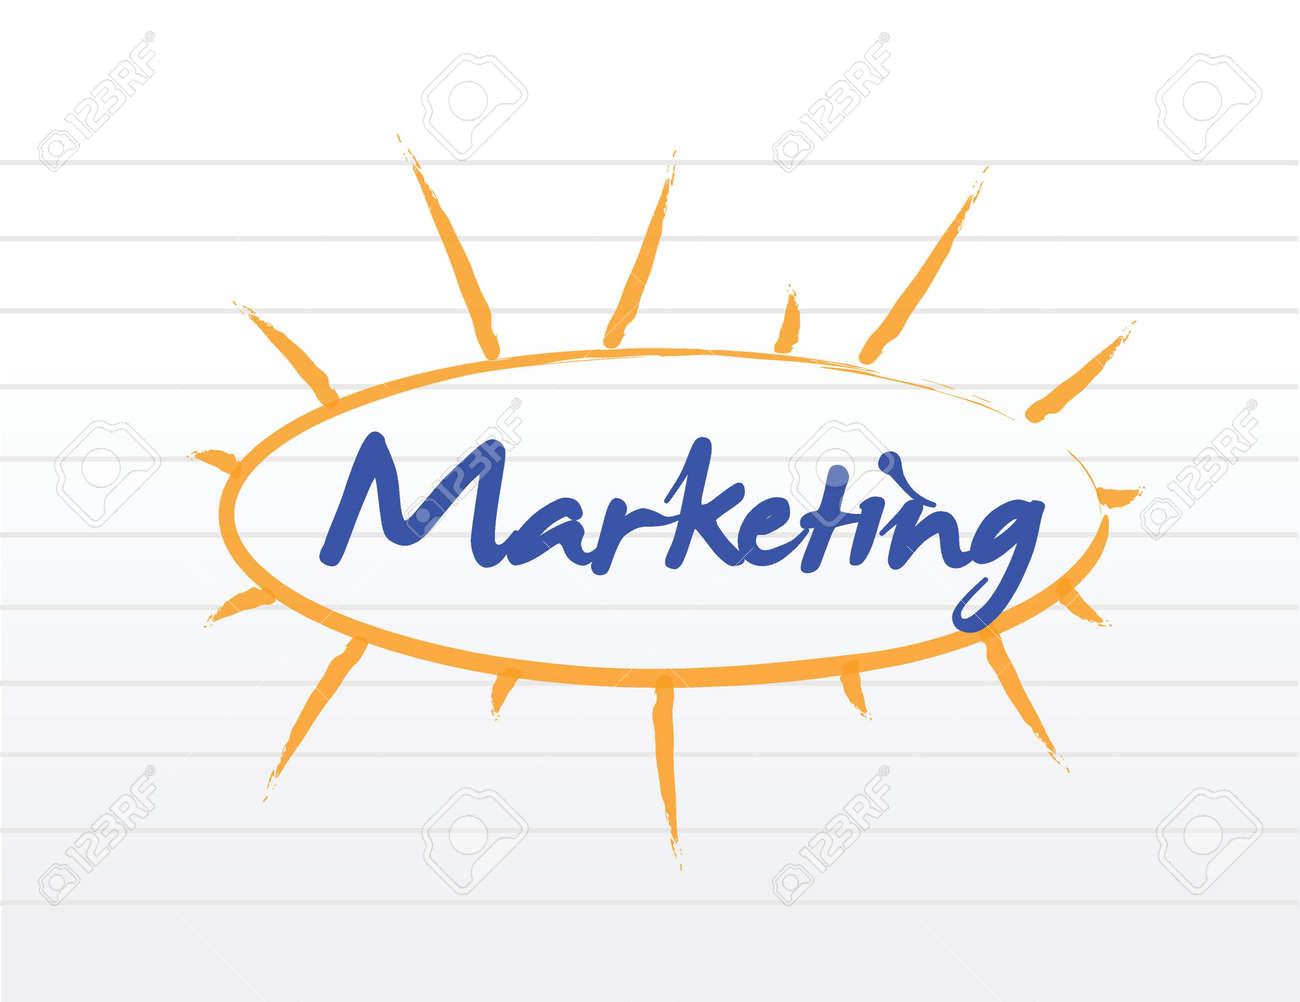 marketing blank diagram illustration design over white Stock Vector - 21942381